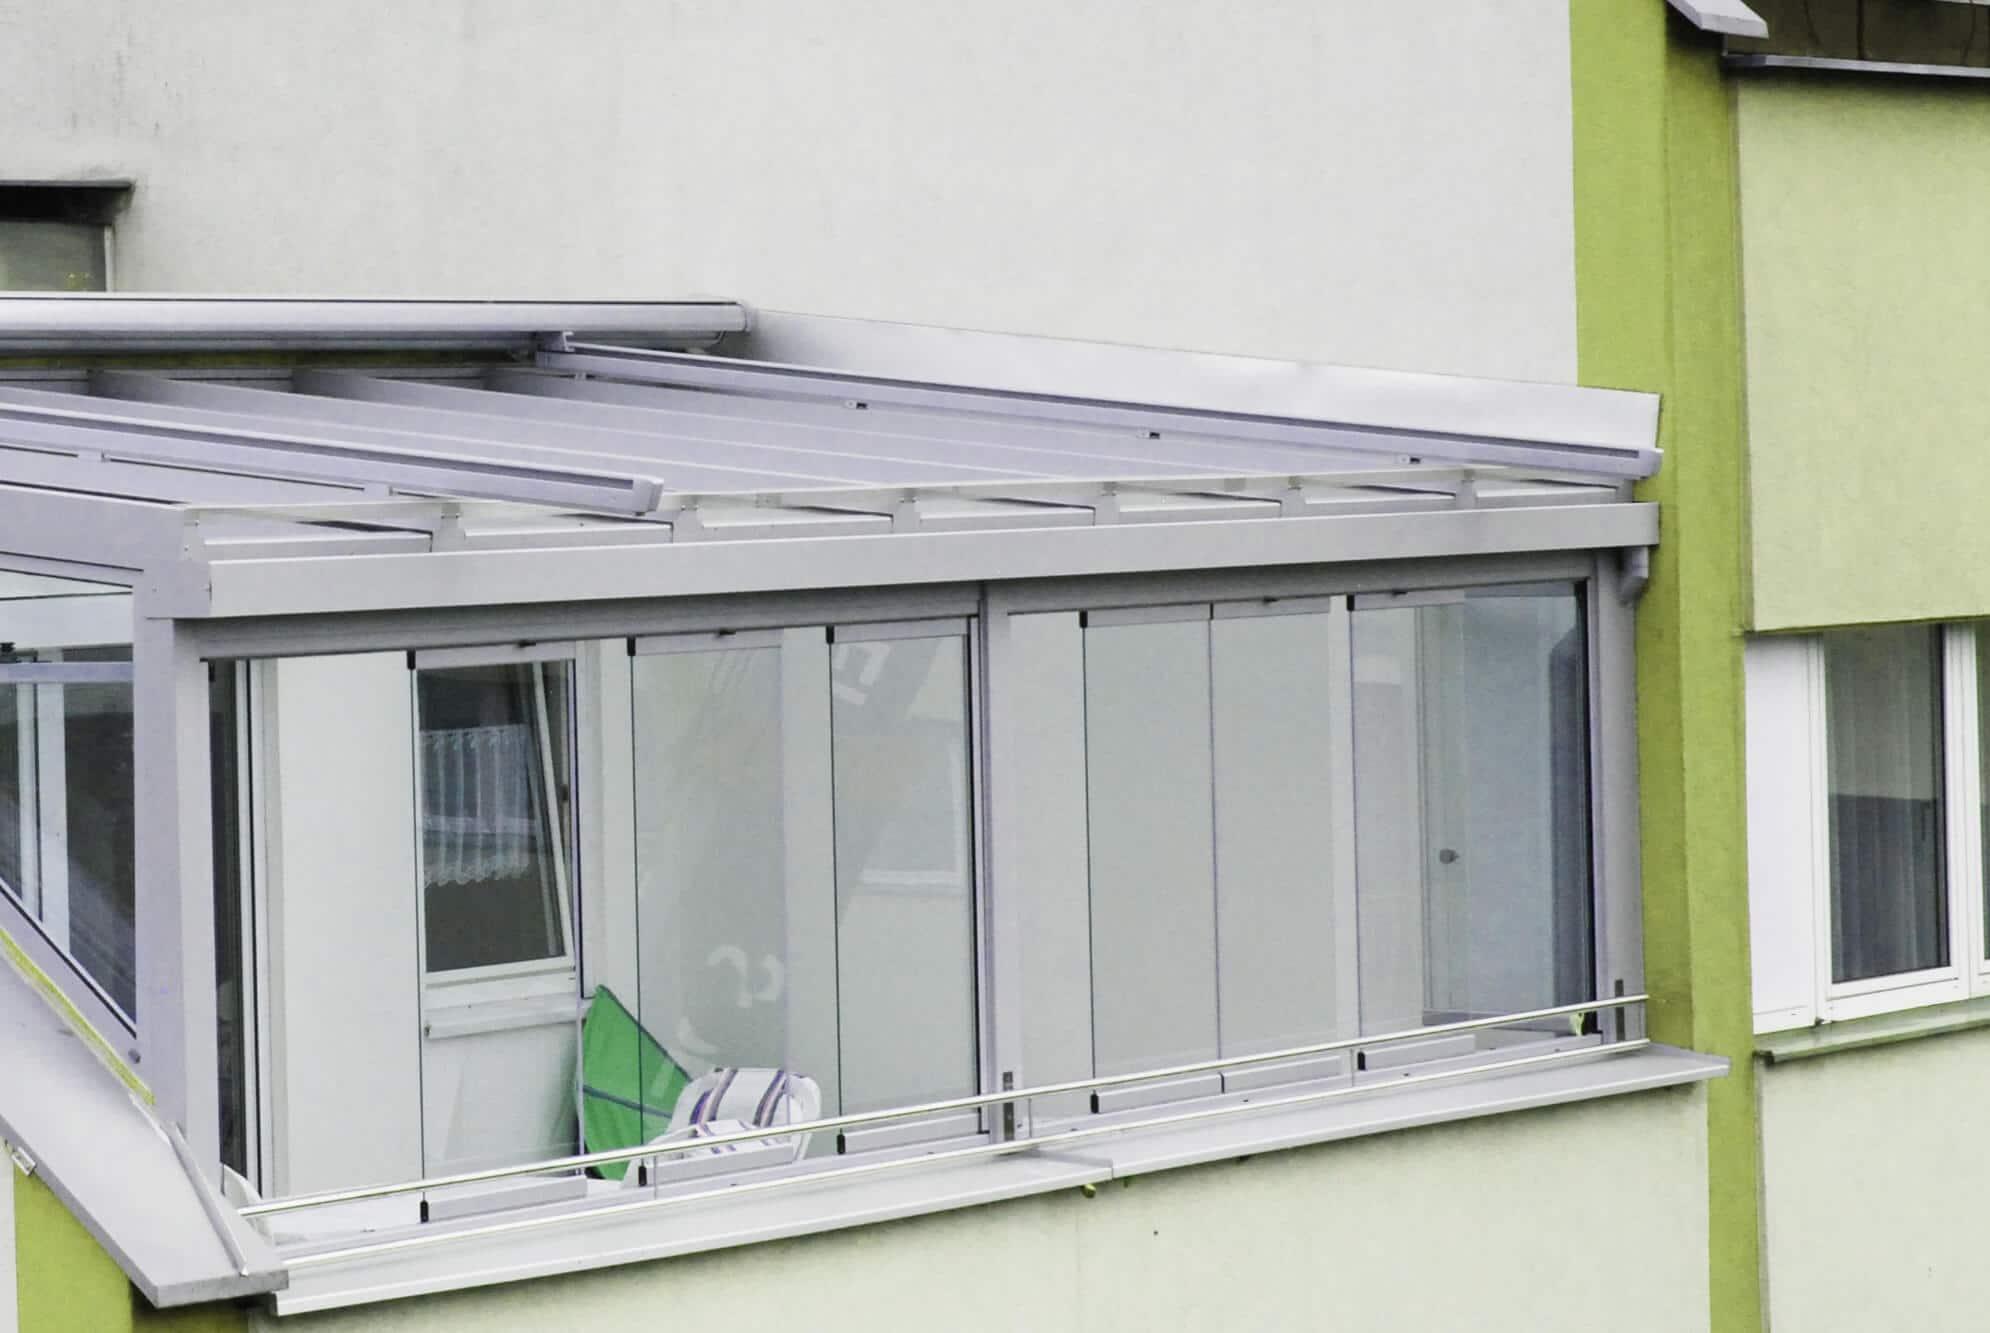 Ganzglas Schiebe-Dreh-System